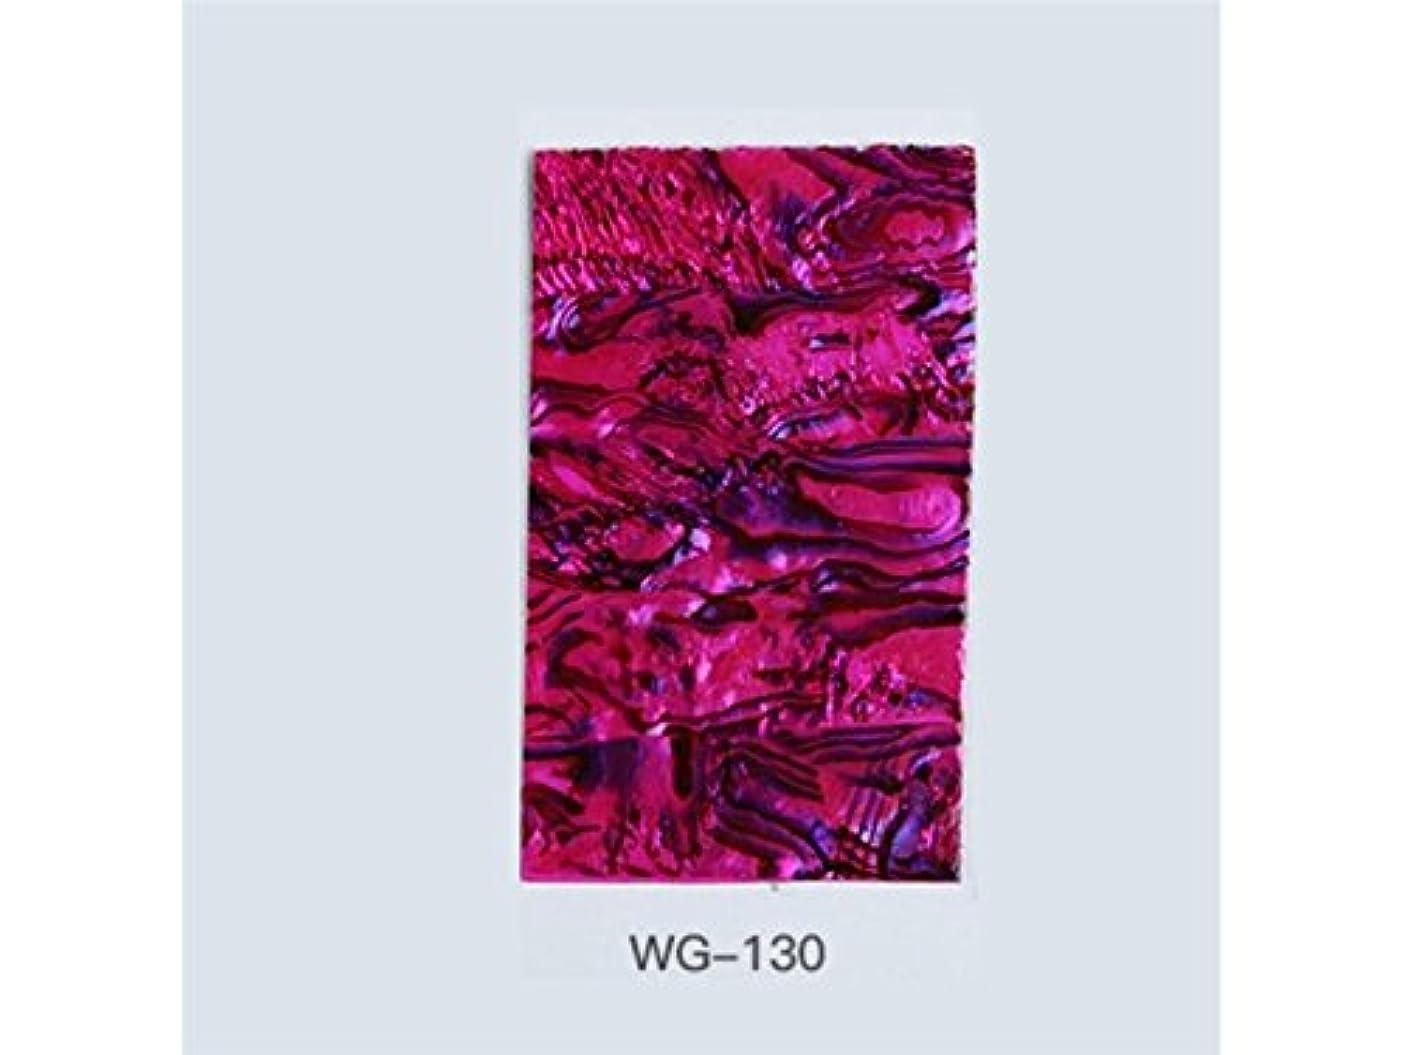 容器石鹸示すOsize クリアウォータートランスファーネイルステッカーネイルアートクラフトネイルアートデコレーション(図示)